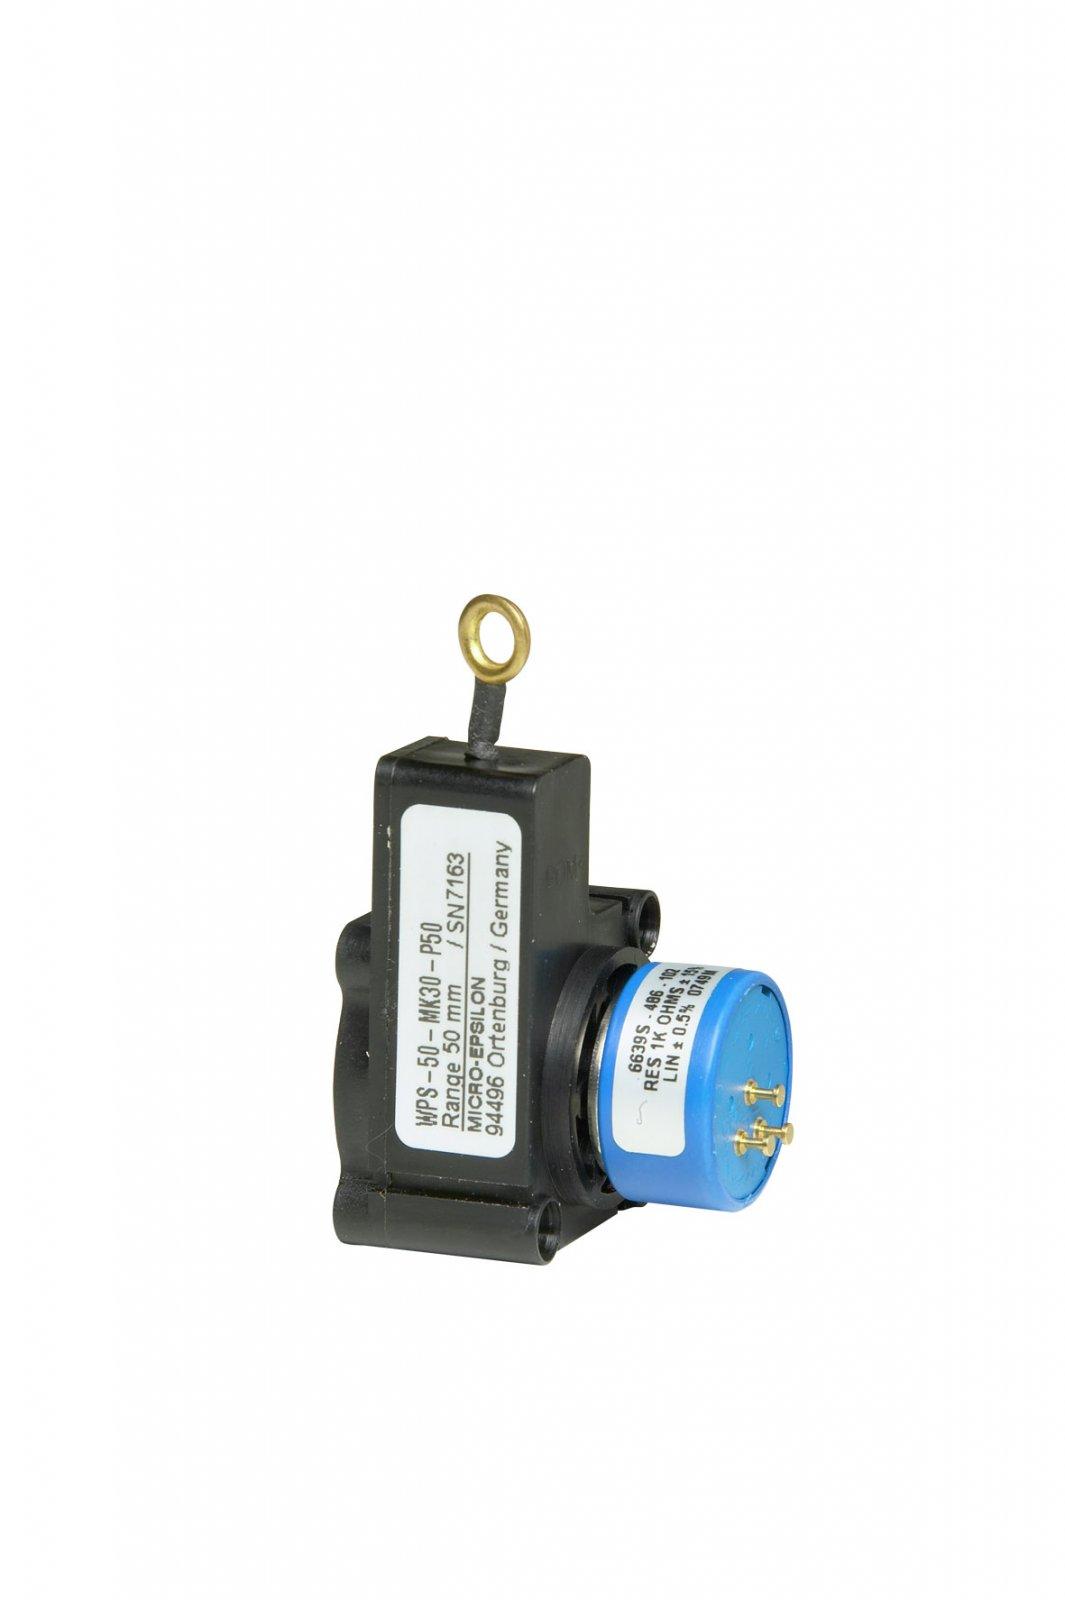 czujnik linkowy WPS MK30 analogowy